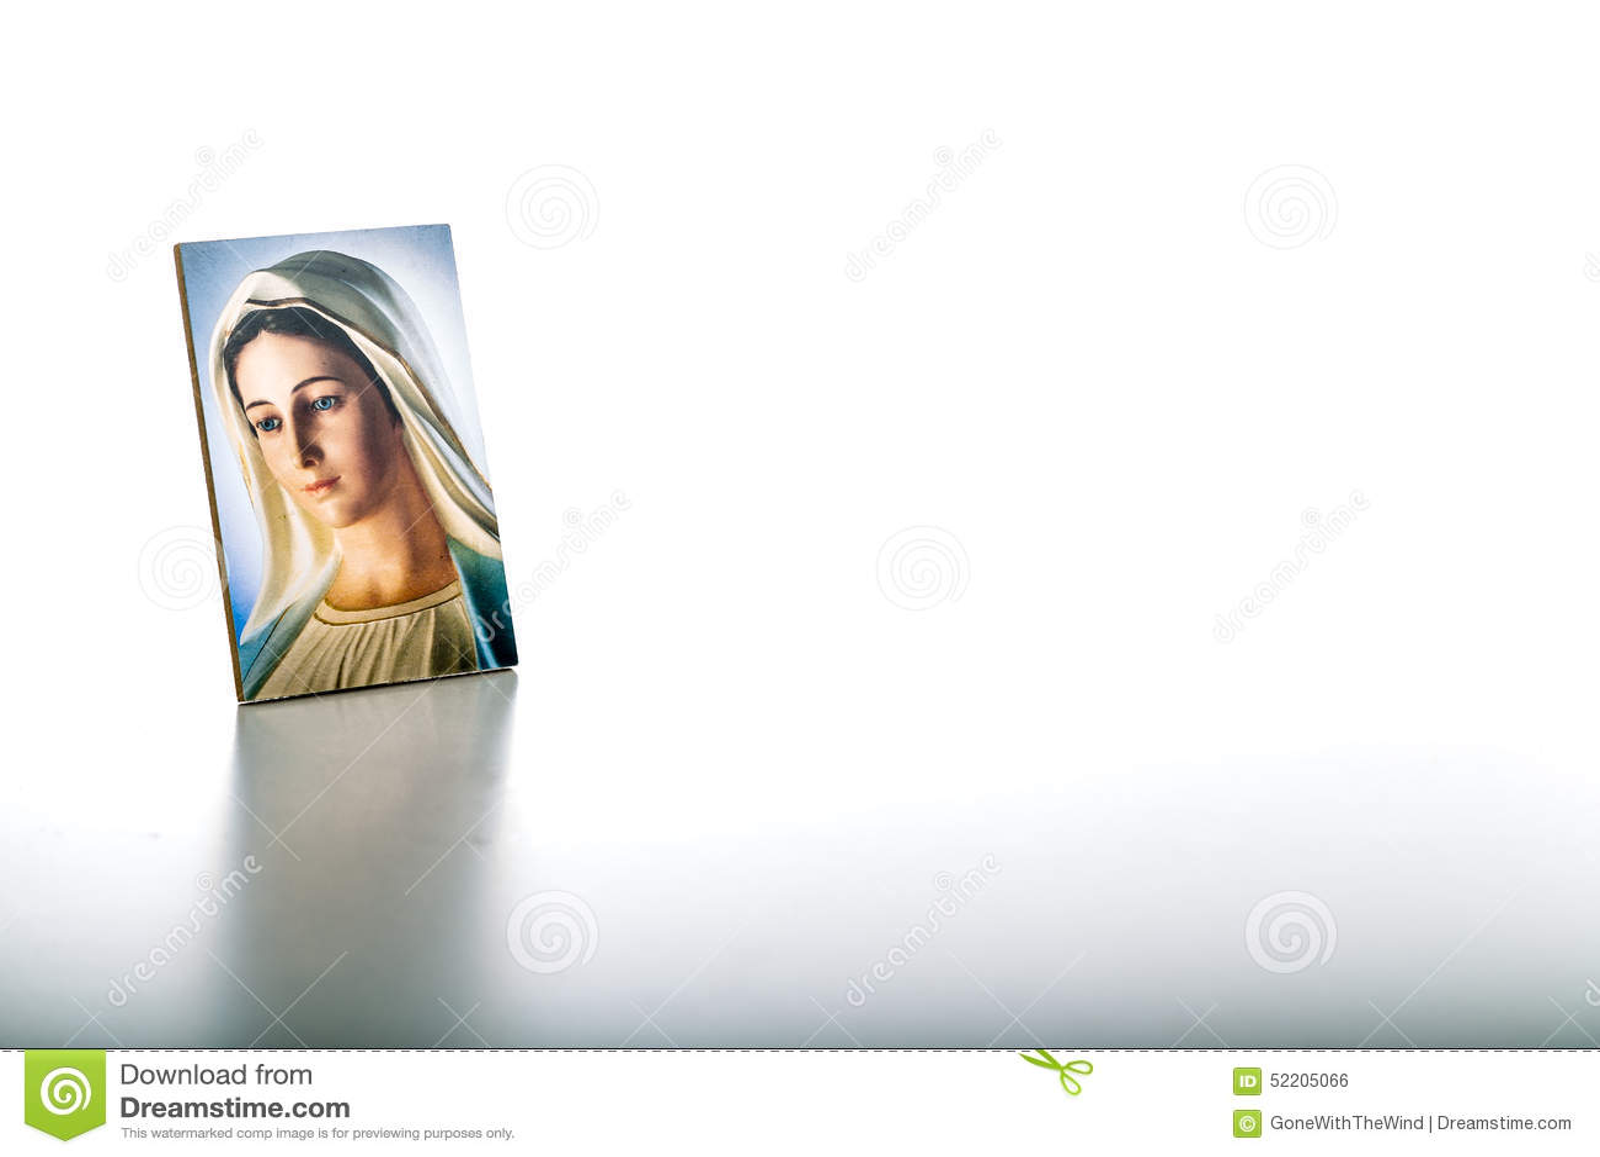 Ikone unserer Dame von Medjugorje gesegnete Jungfrau Maria